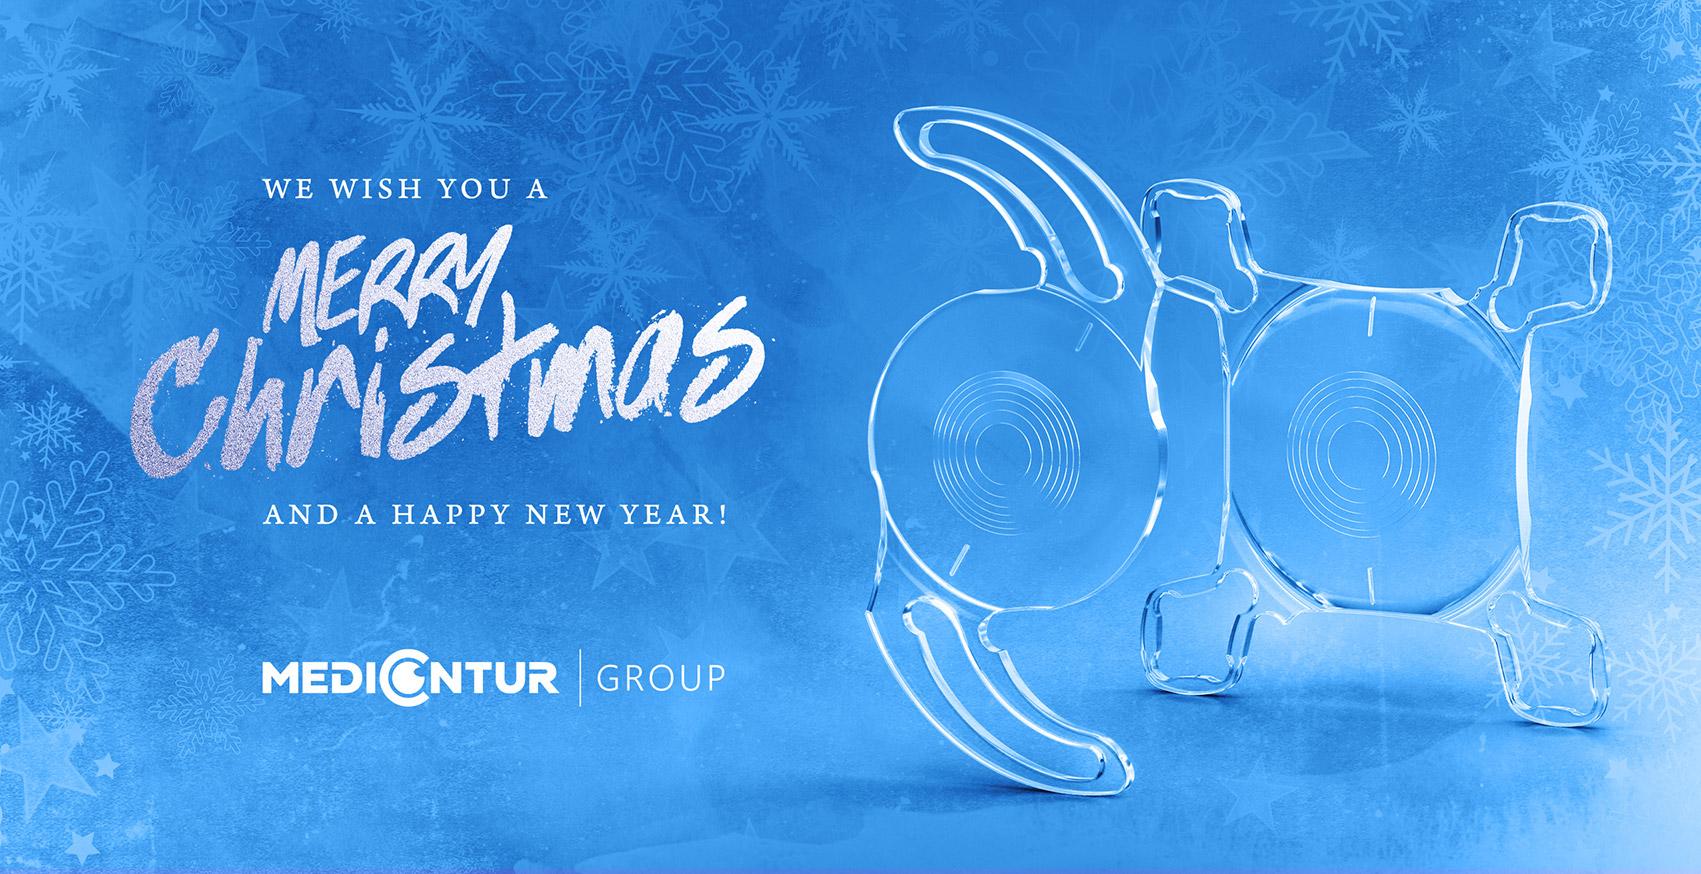 """Листівка """"Щасливого Різдва та Нового 2021 року"""" від Medicontur Group"""